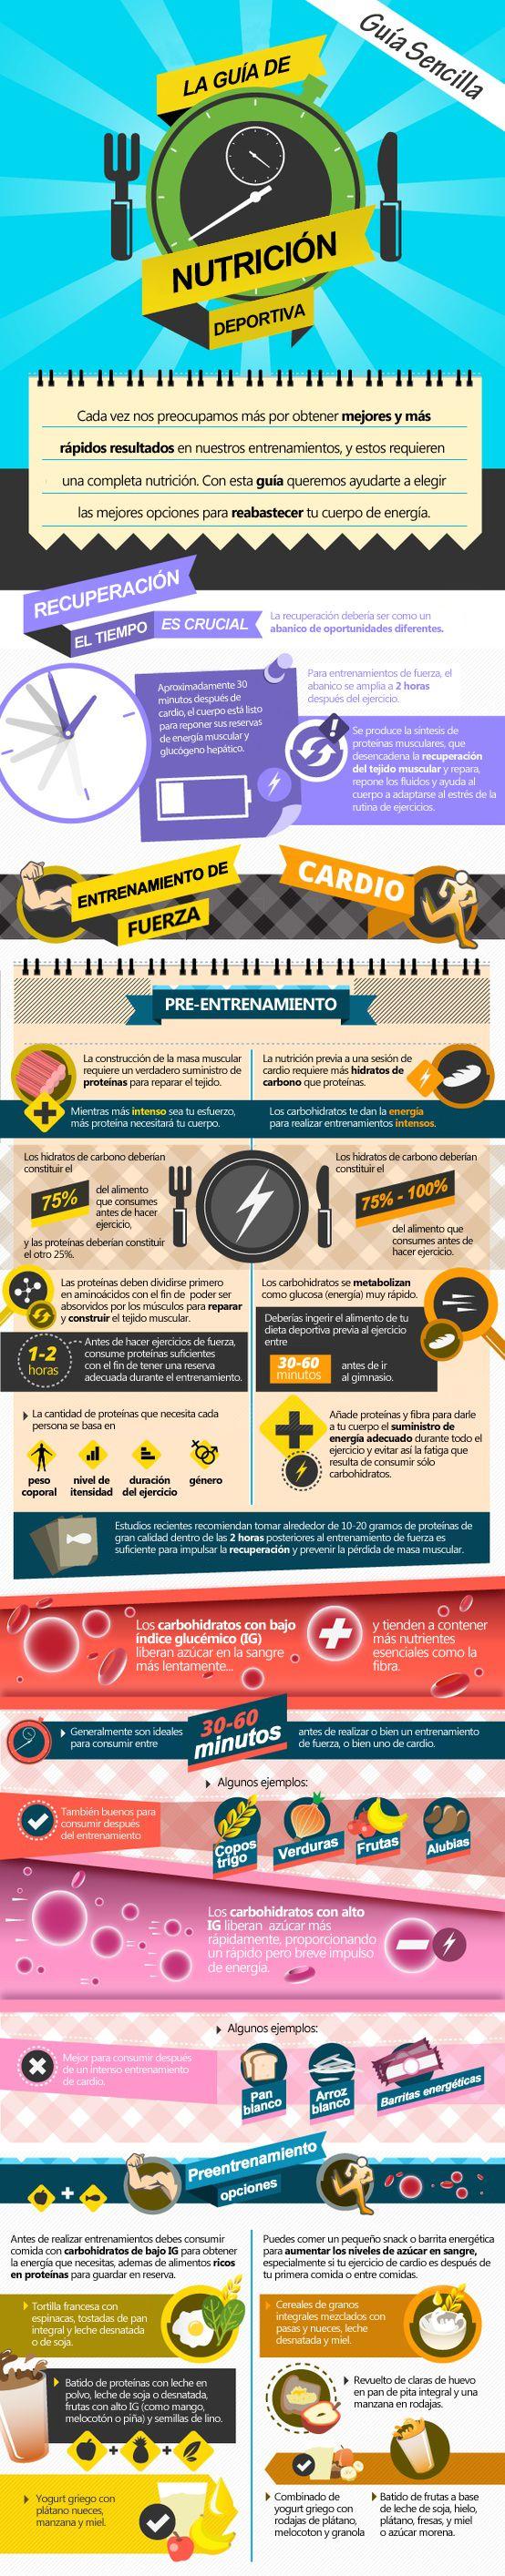 Antes de realizar alguna actividad física debes consumir carbohidratos para obtener la energía que necesitas ¡Aliméntate saname